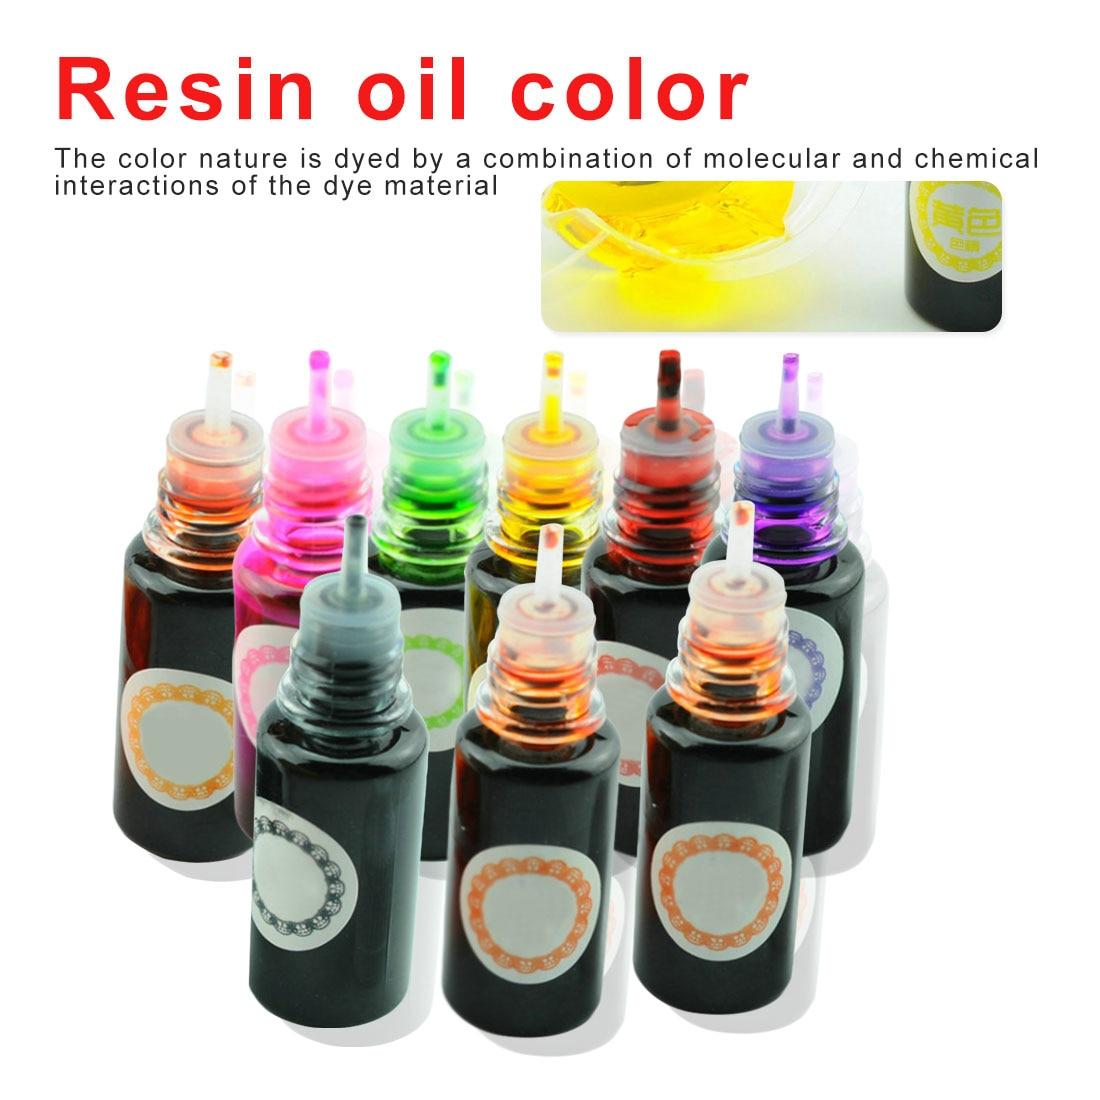 Набор спиртовых чернил для диффузии смолы, 8 цветов, 10 г, жидкий краситель, краситель для творчества и творчества, для изготовления ювелирных...